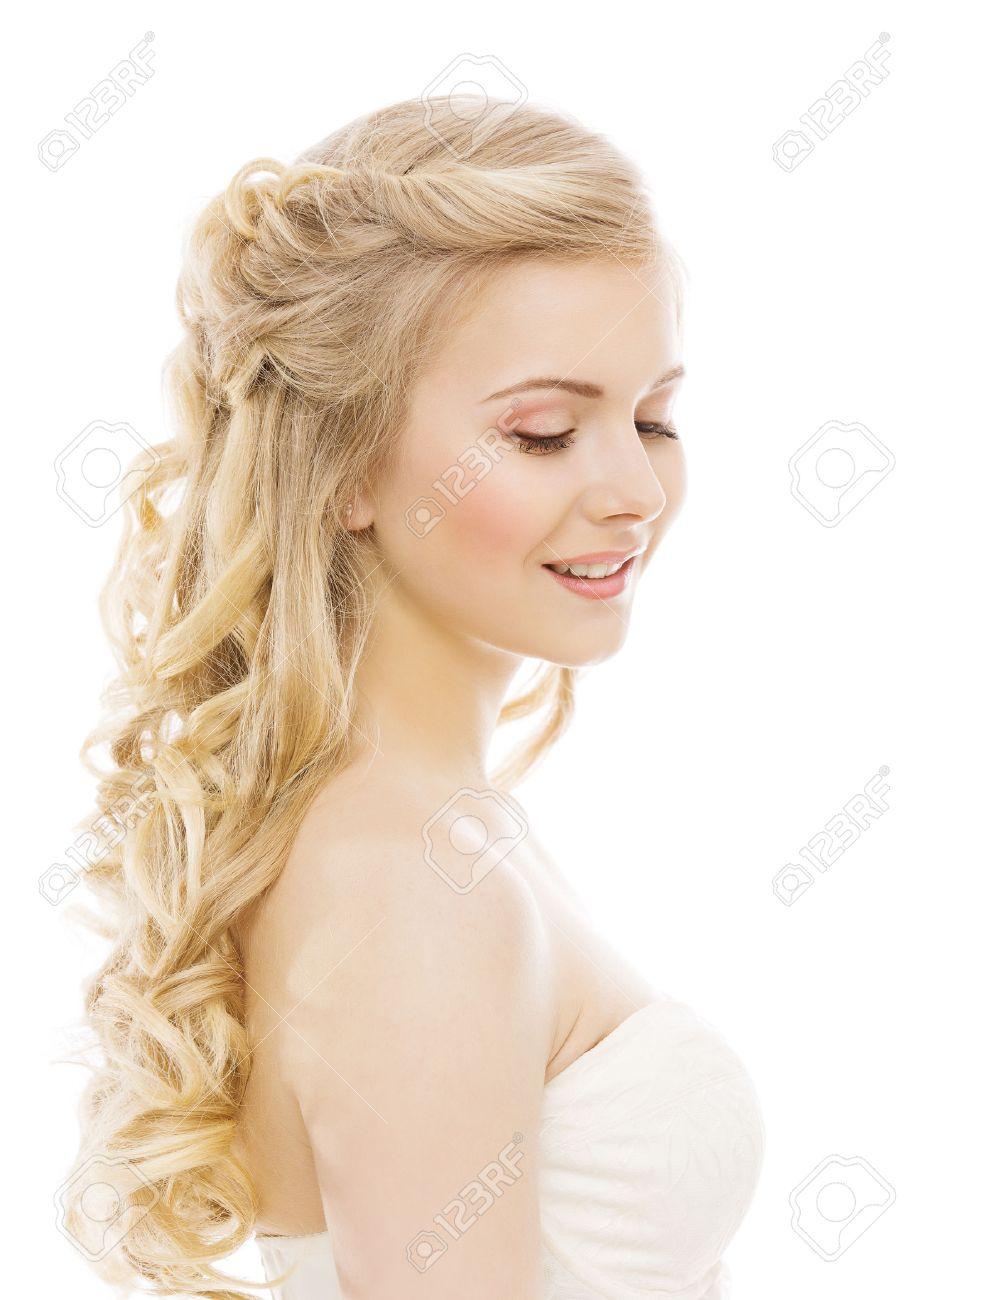 Cheveux Longs Makeup Femme Beauté, Jeune Fille Blonds Frisés ...